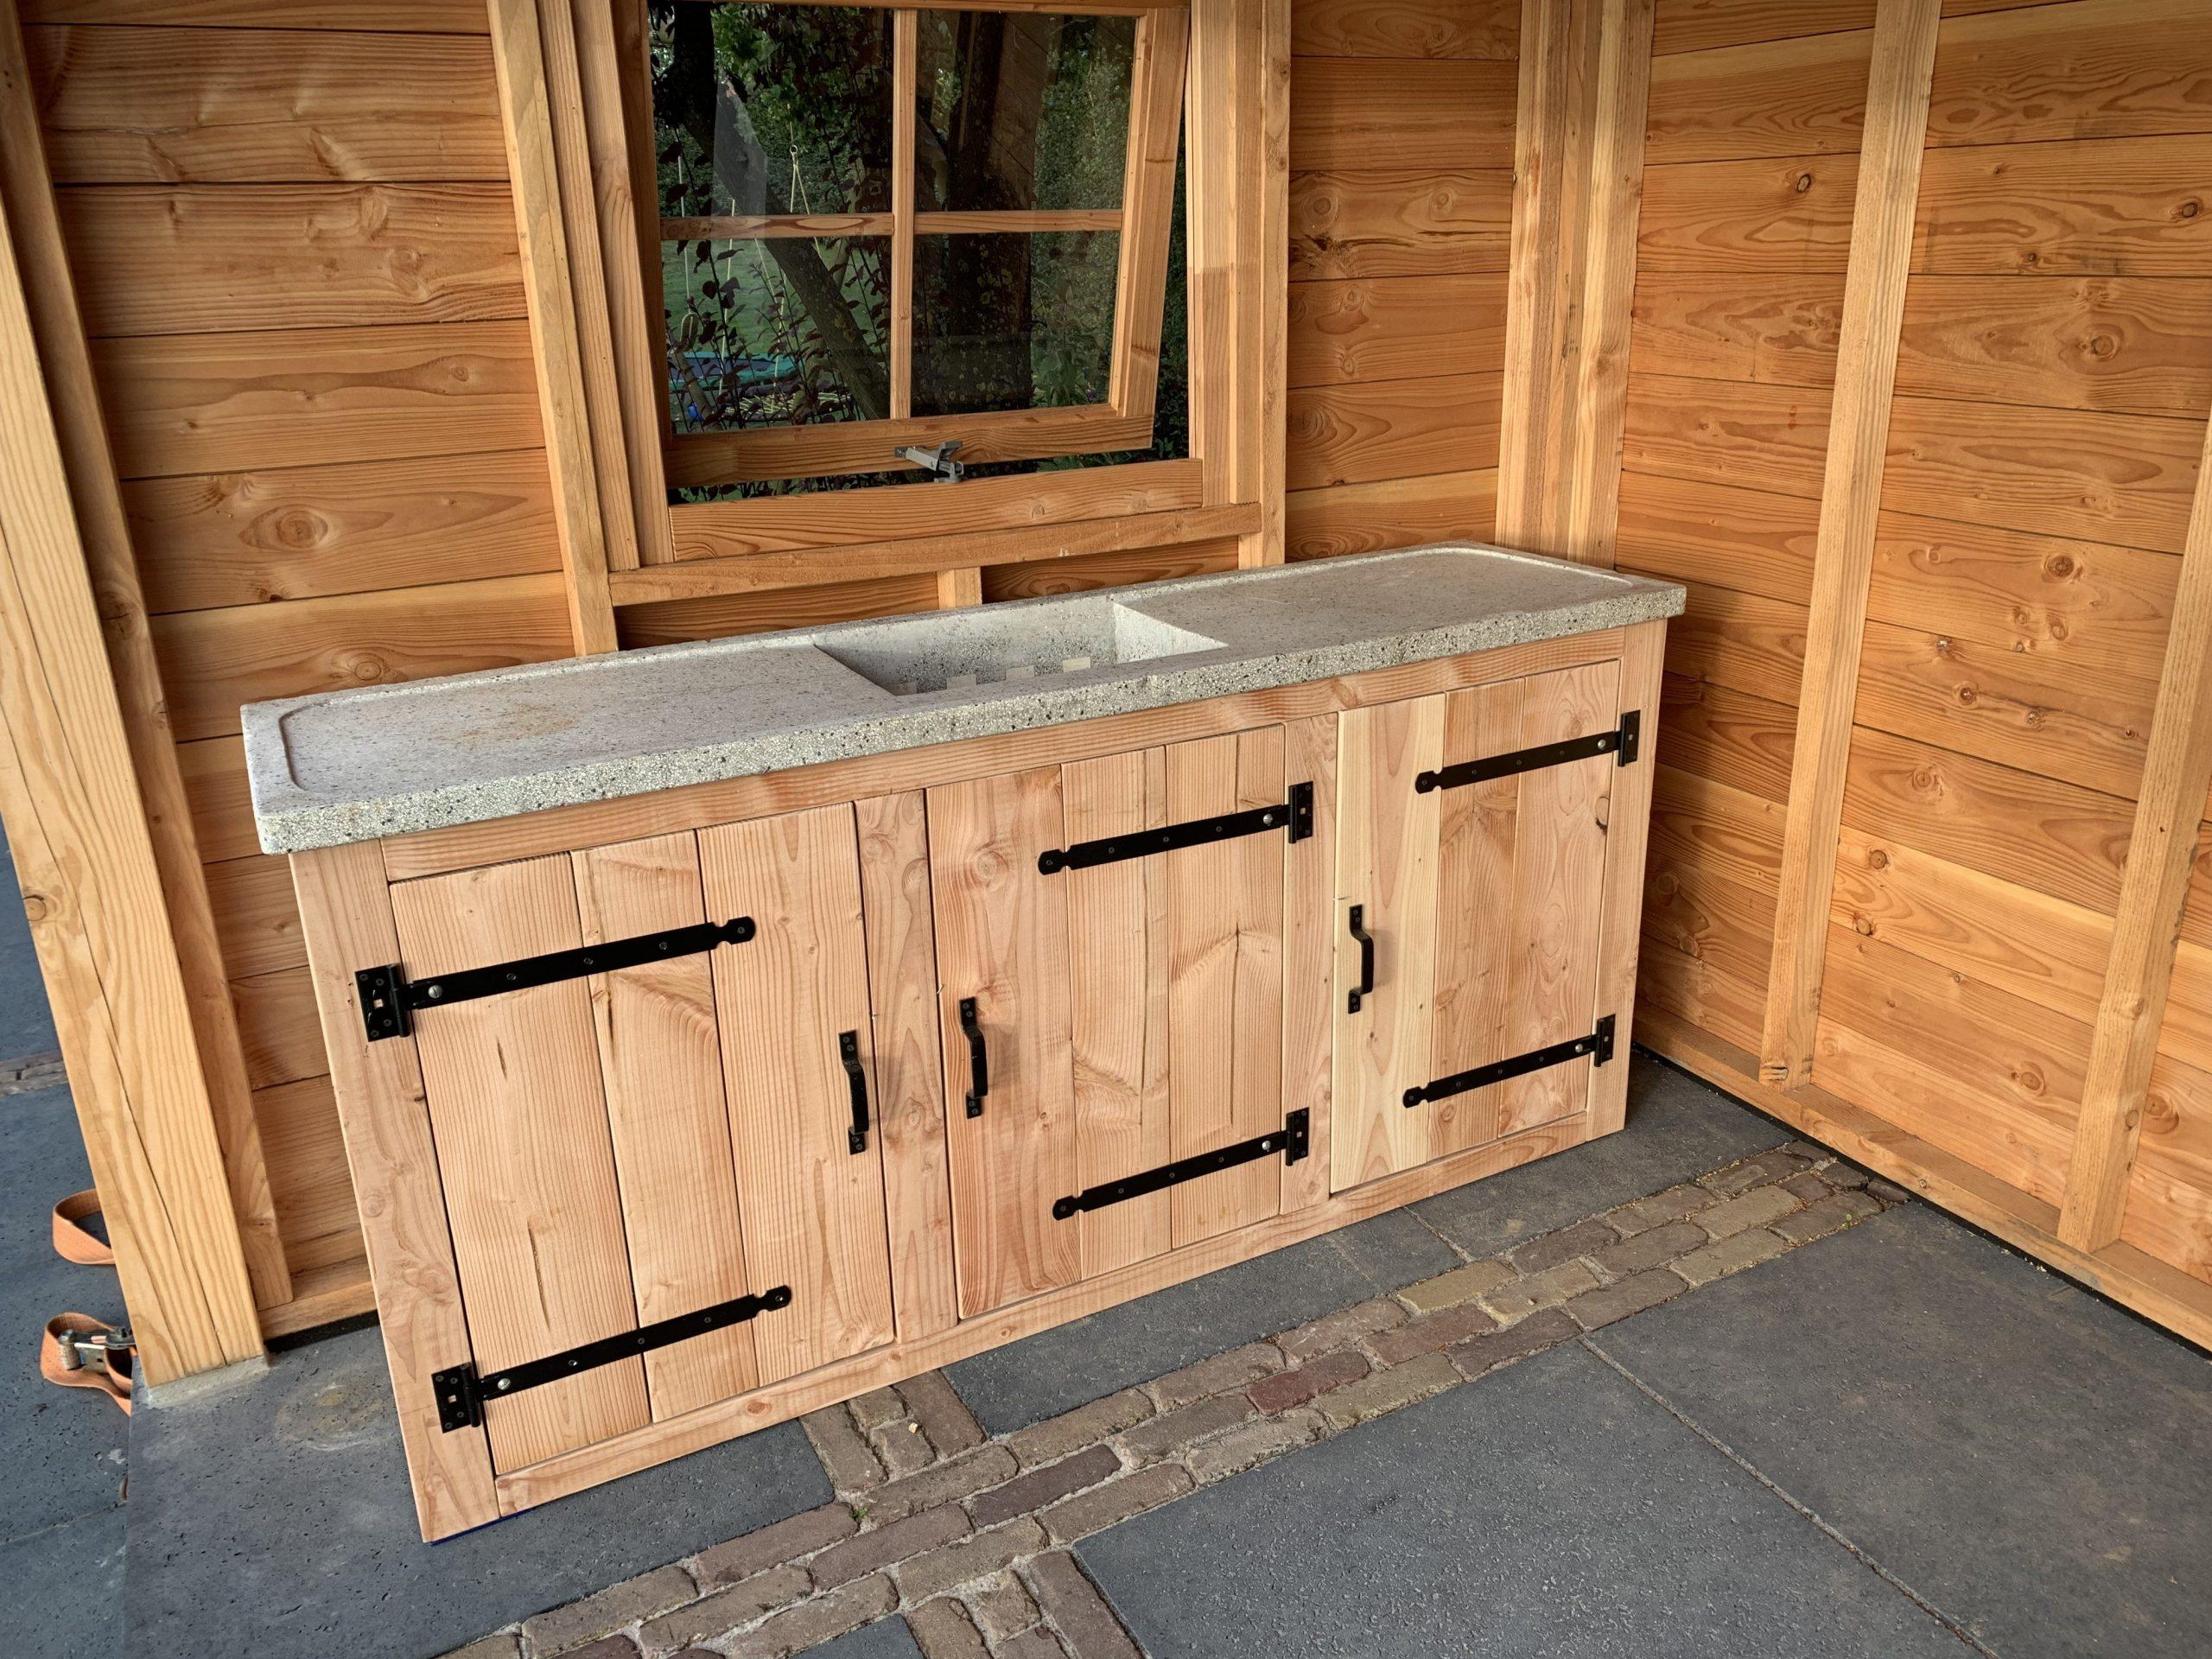 Full Size of Outdoor Kche Aus Holz Selber Bauen Inklusive Eingebautem Grill Wellmann Küche Möbelgriffe Industrielook Behindertengerechte Deckenleuchte Einbauküche Kaufen Wohnzimmer Outdoor Küche